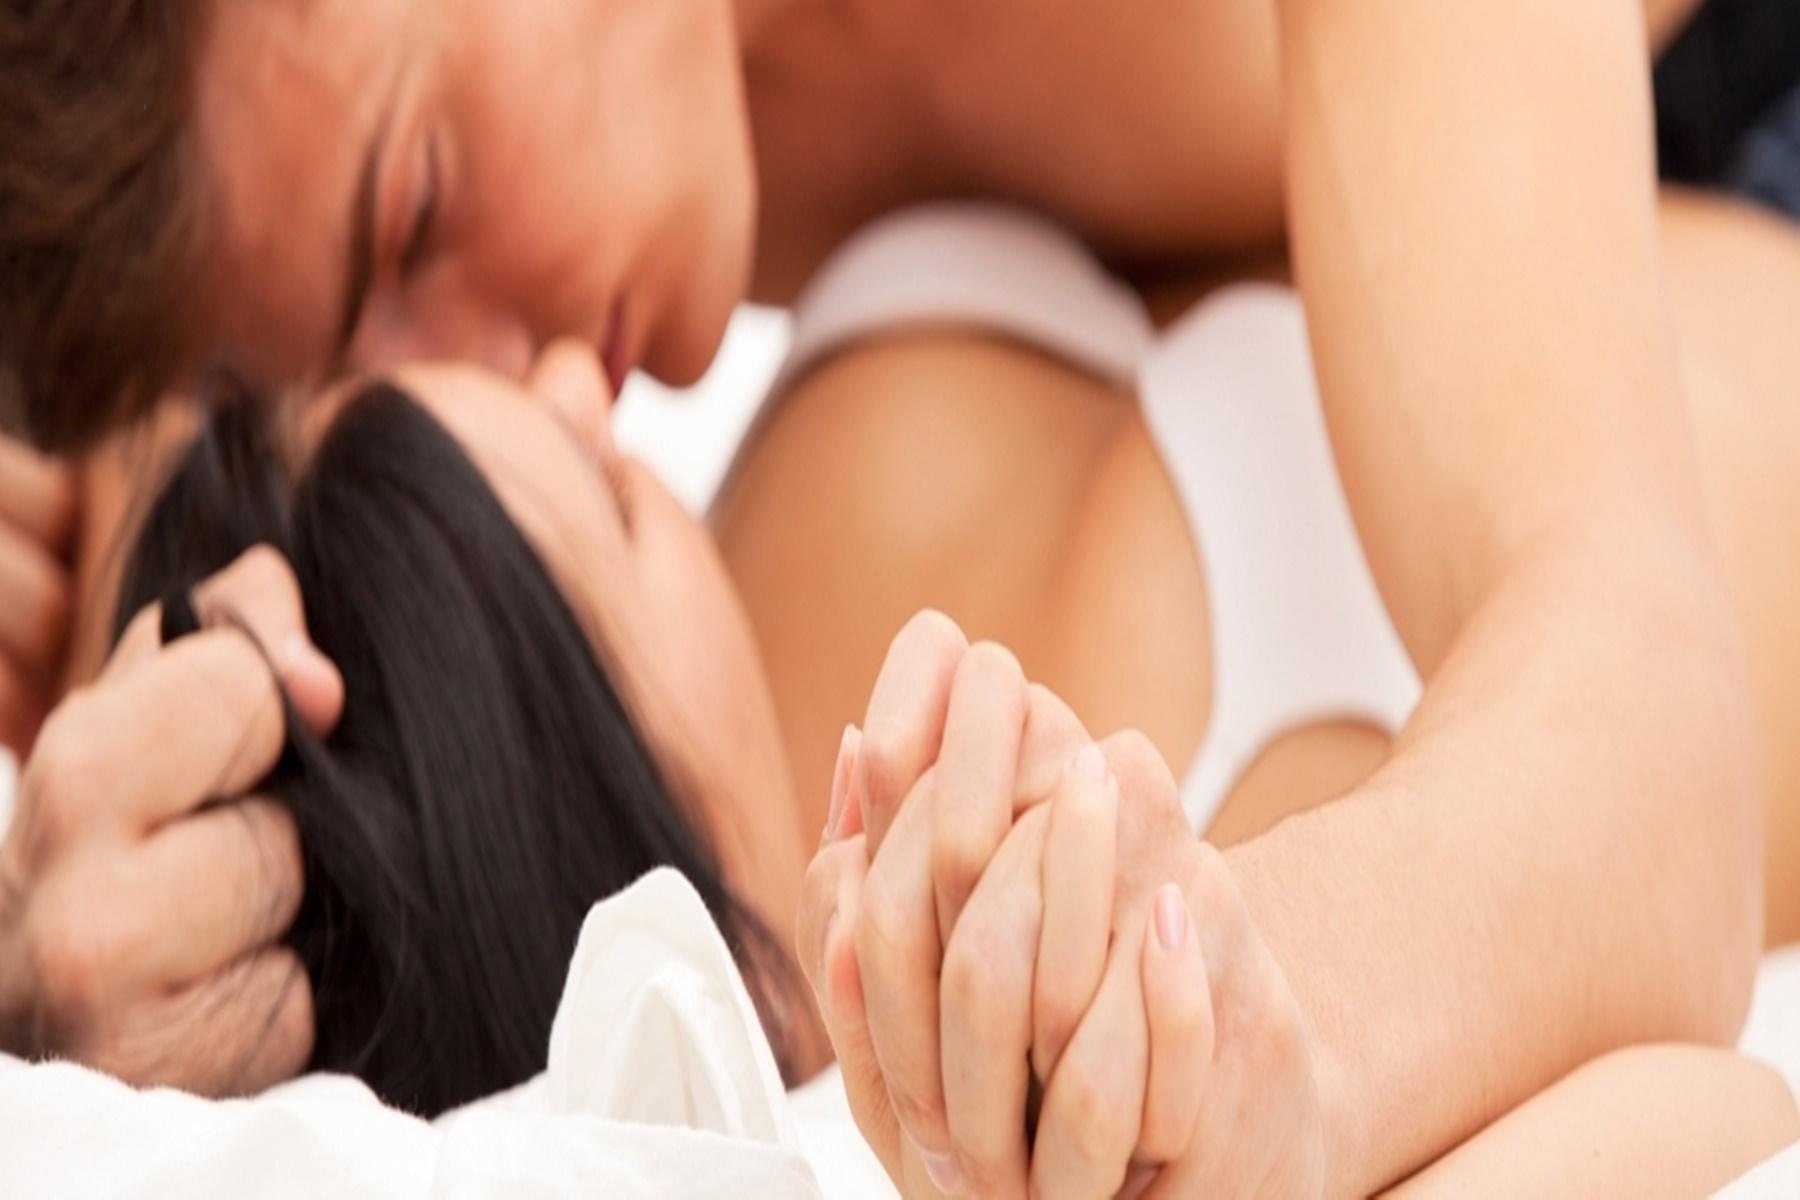 Ηπατίτιδα : Η καλή σεξουαλική ζωή βοηθάει στην θεραπεία της